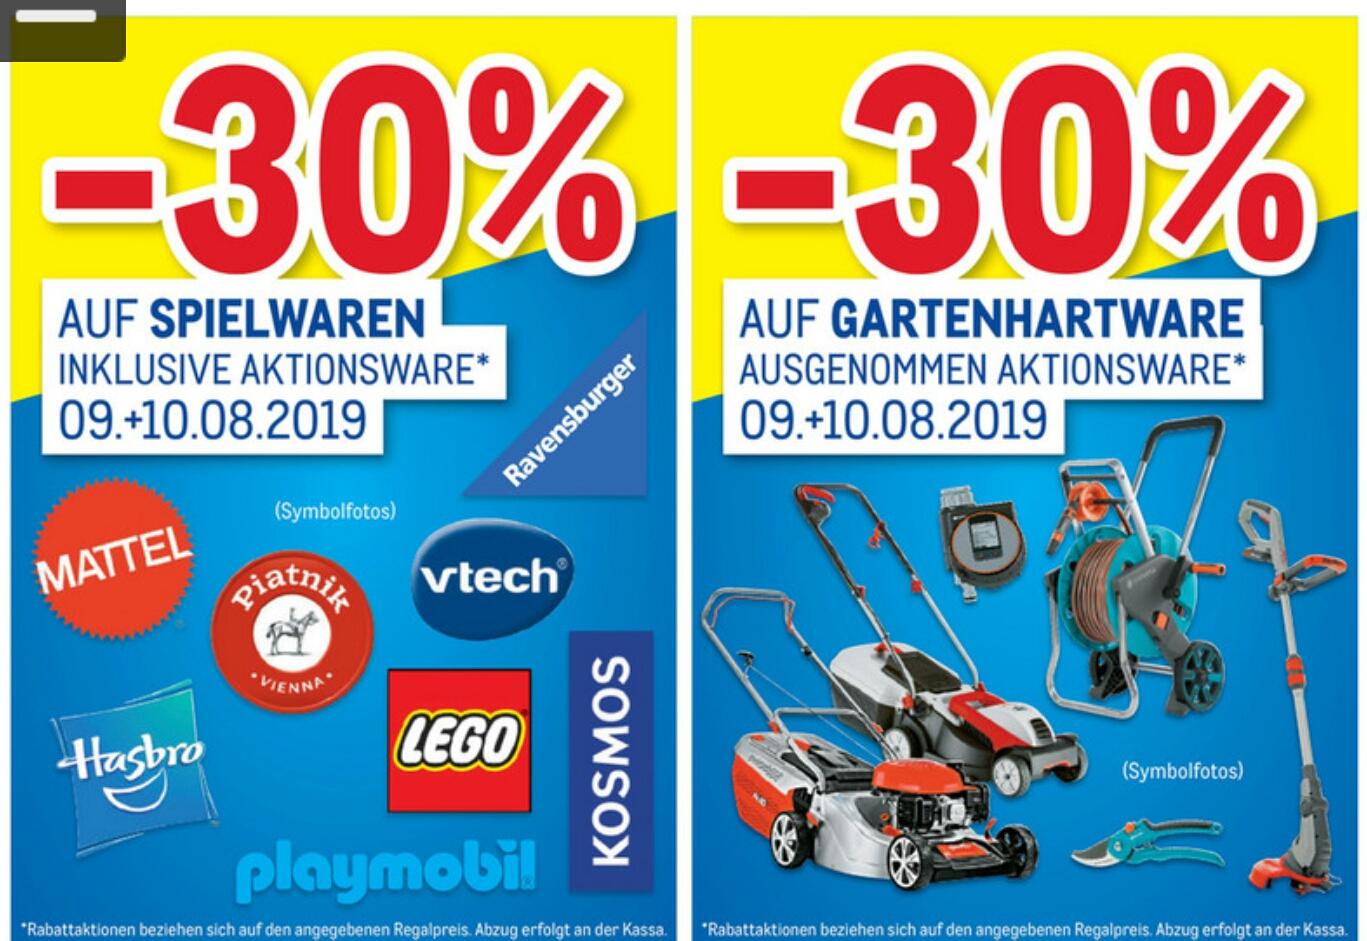 [Metro] -30% auf alle Spielwaren inkl. Aktionen z.B. Lego uvm. & -30% auf alle Gartengeräte z.B. Rasenmäher uvm.